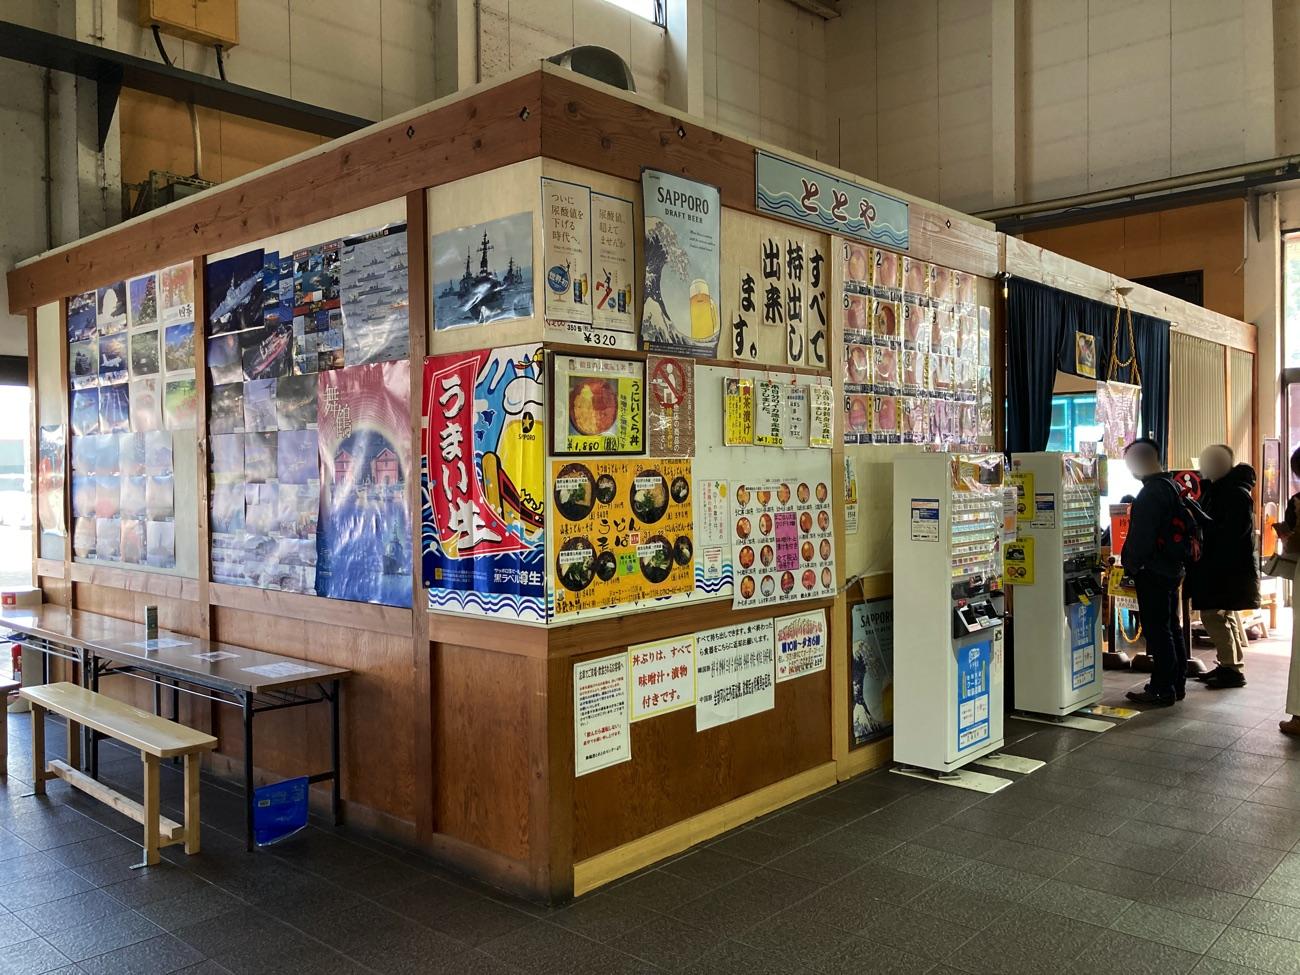 舞鶴港とれとれセンターの建物内にある「海鮮丼 ととや」